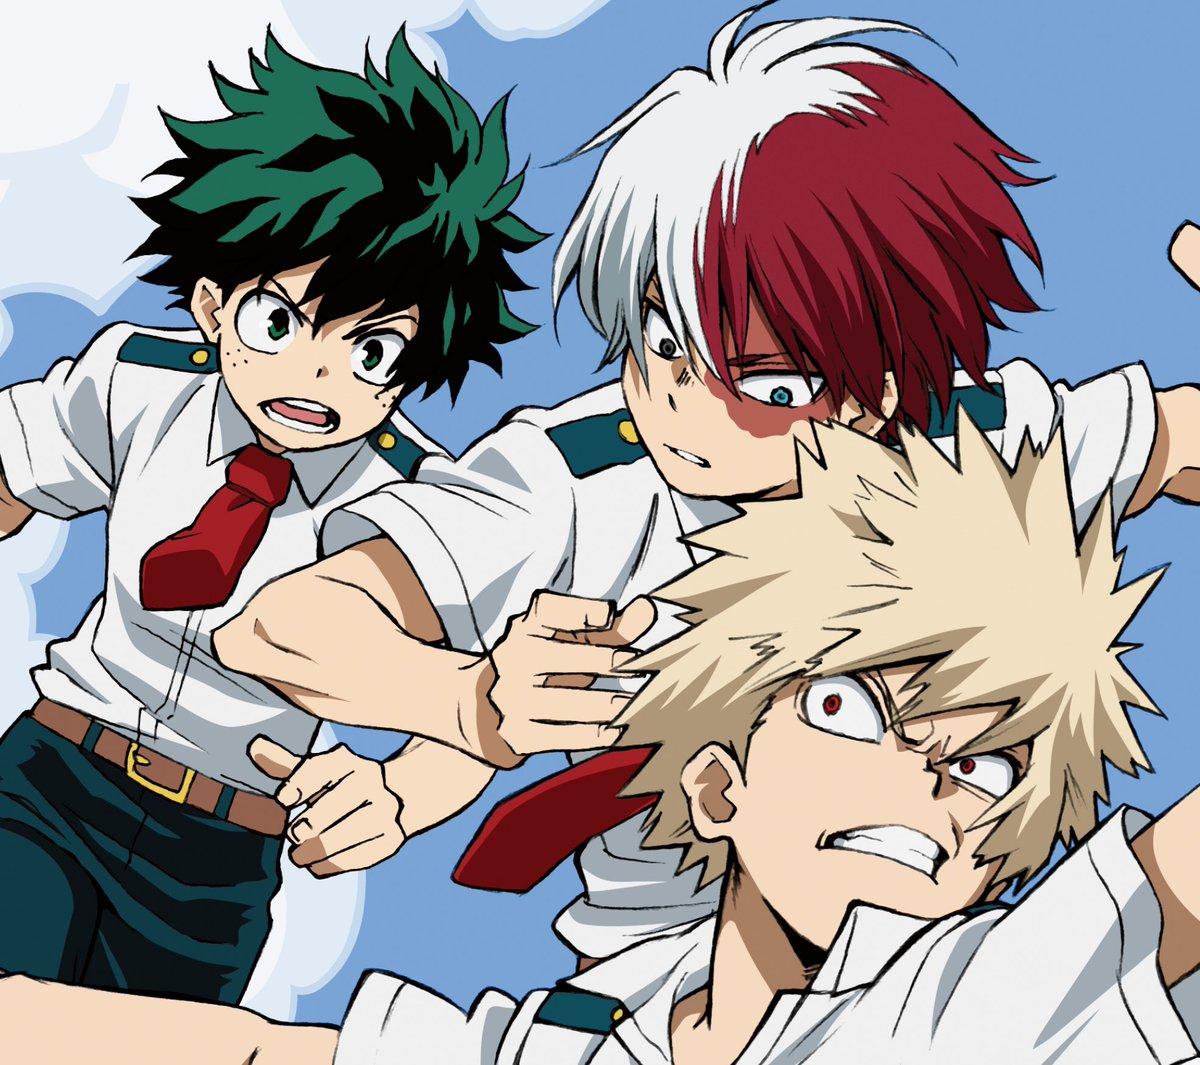 NekoPOP-LiSA-Datte-Atashi-no-Hero-Anime